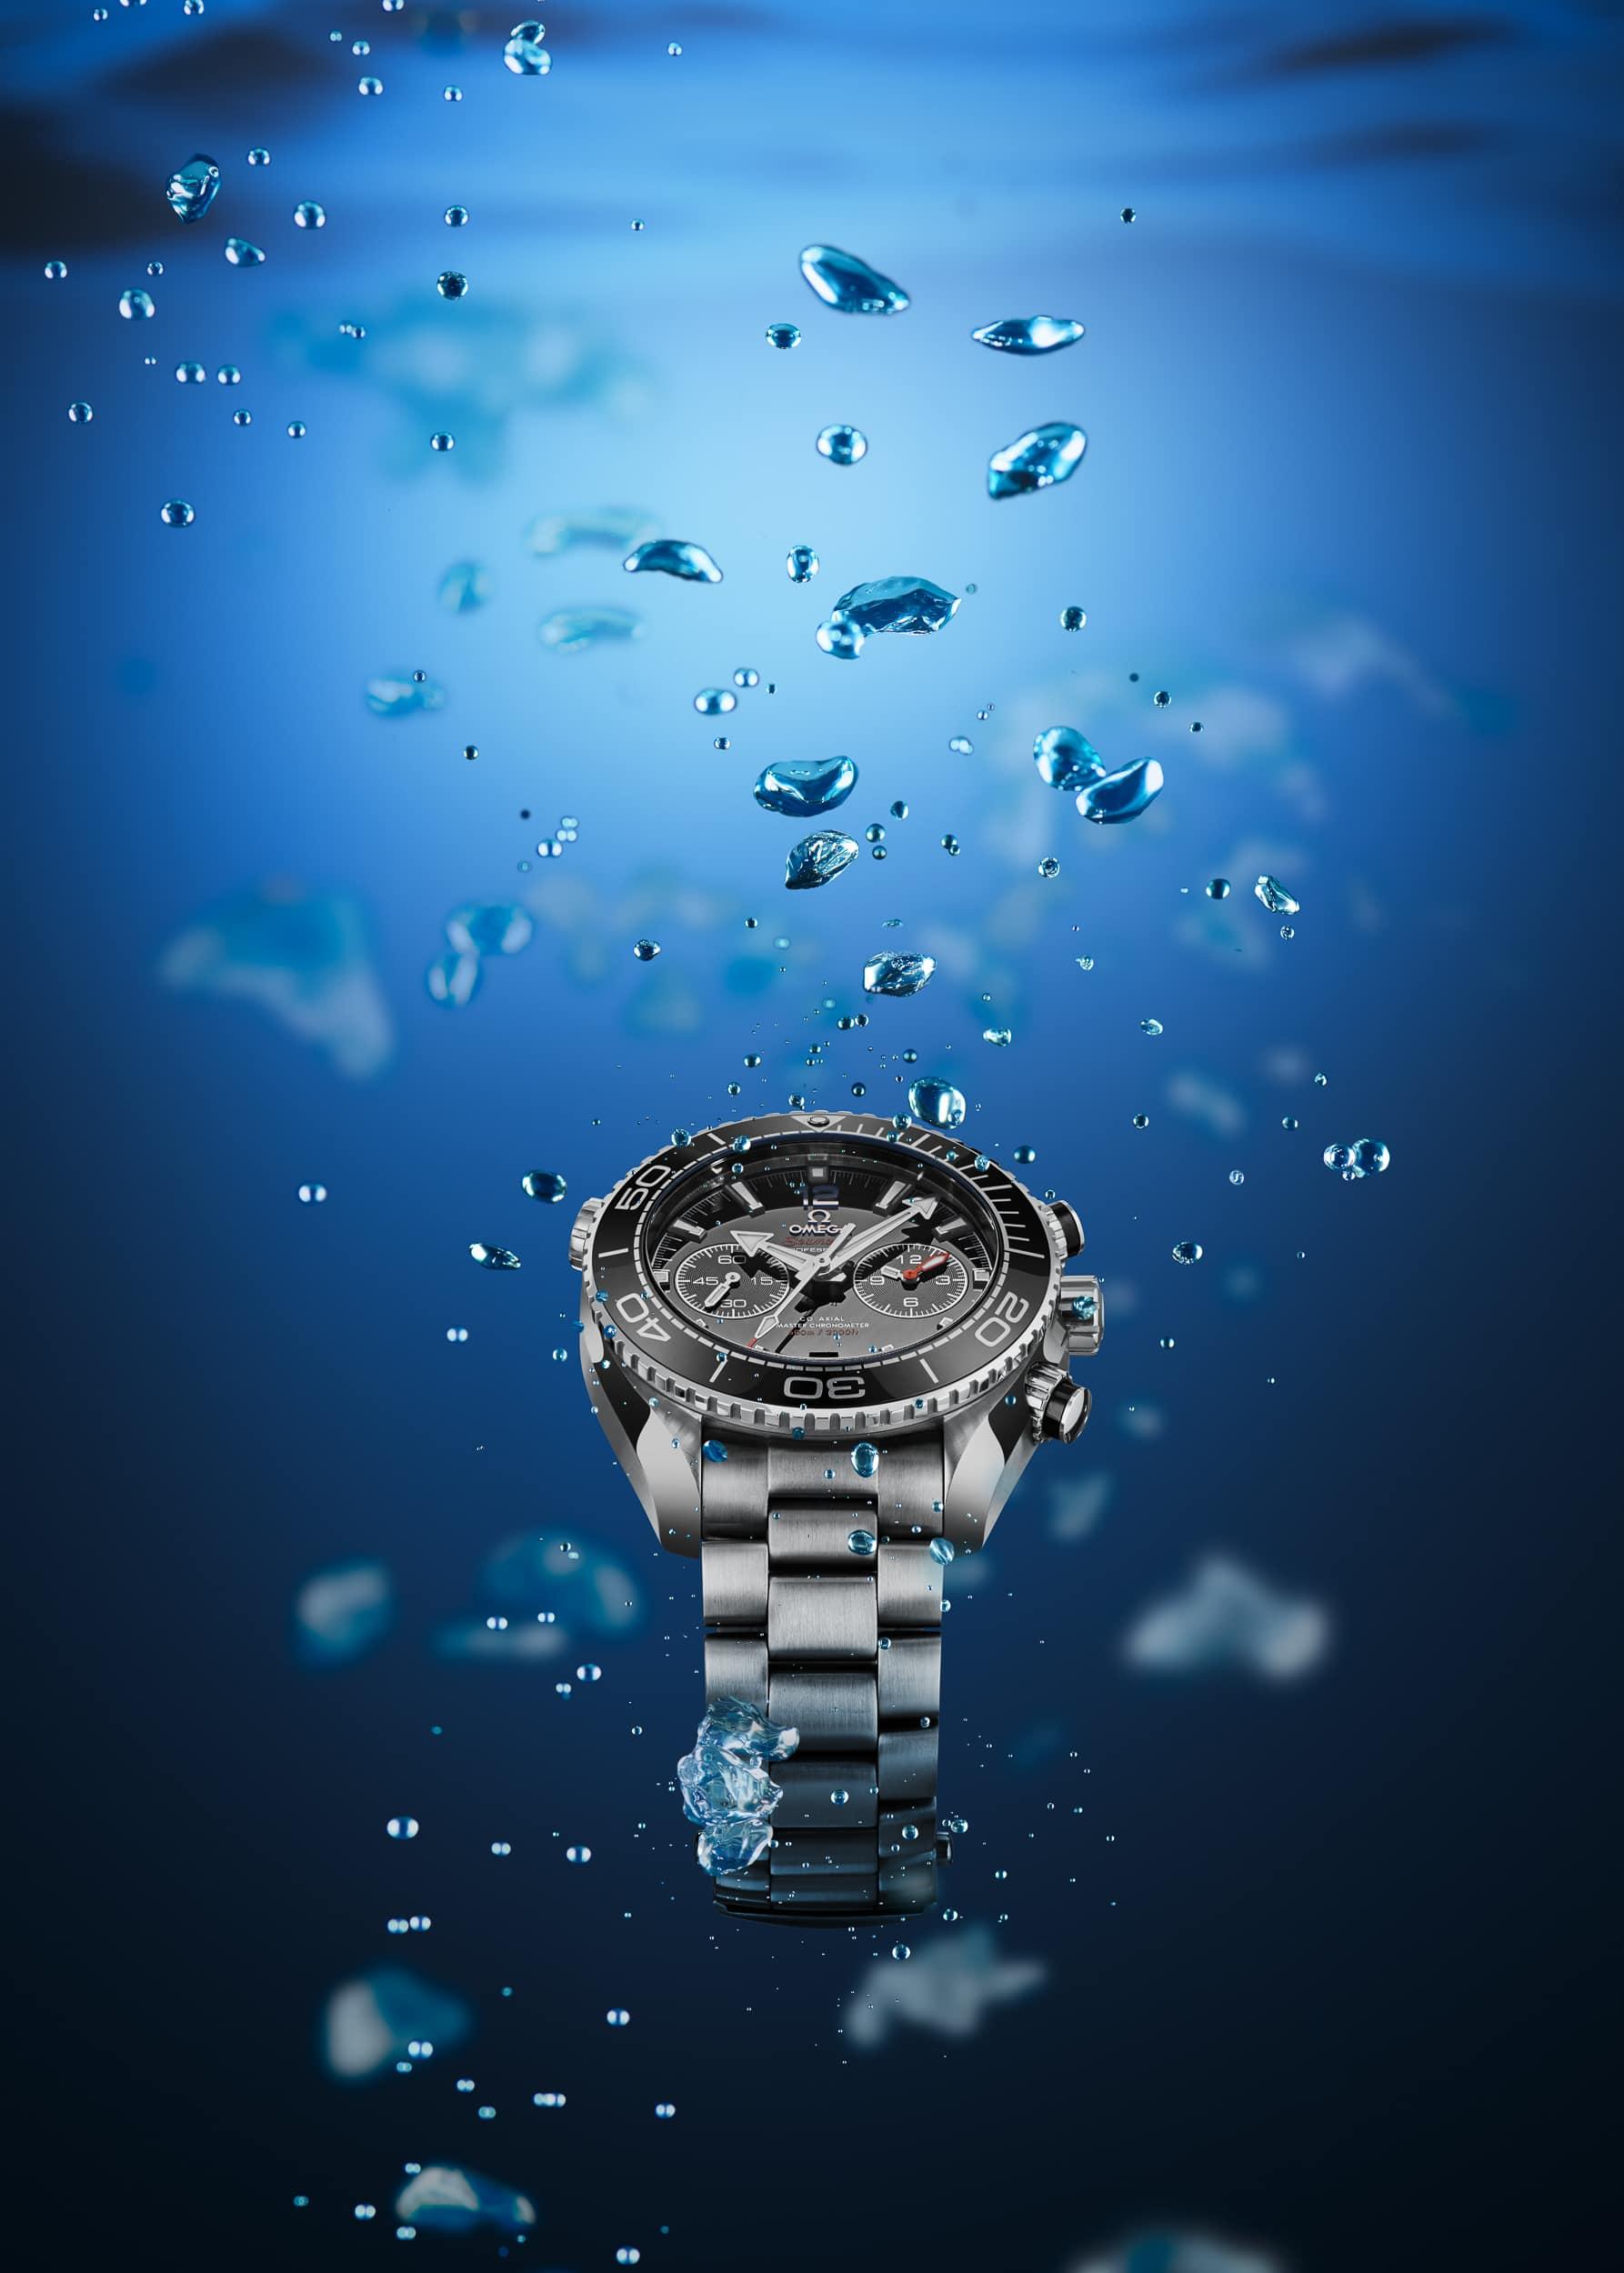 Werbeaufnahme einer Omega Planet Ocean Chronograph 600m Taucheruhr unter Wasser | Fotograf in der Region Osnabrück Münster Bielefeld für Werbefotografie